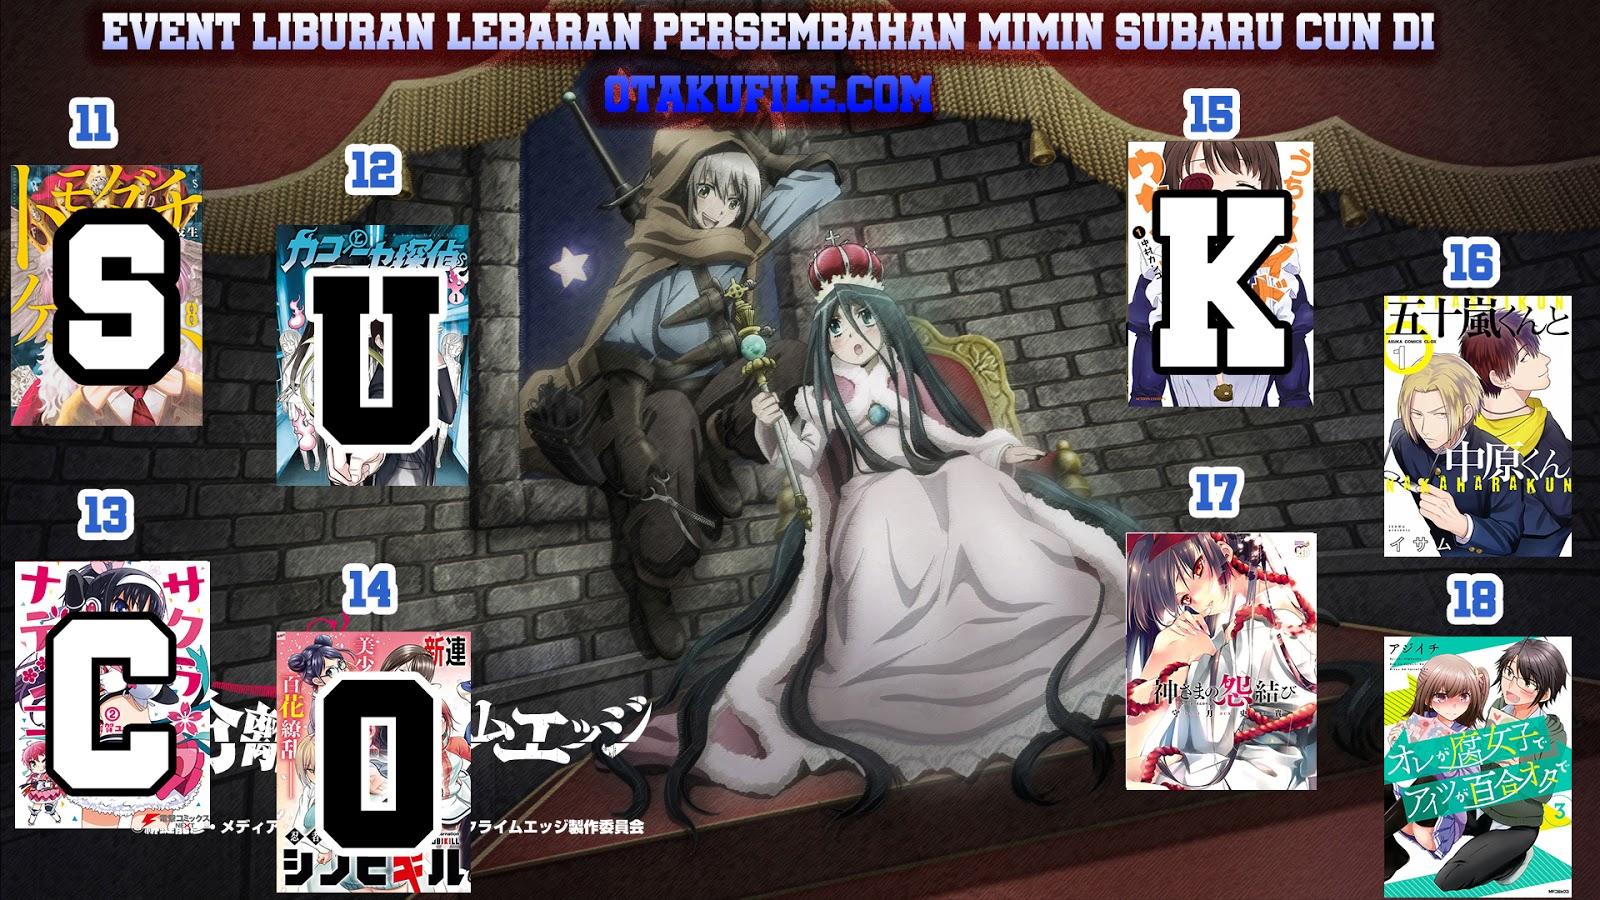 Baca Komik Uchi no Maid ga Uzasugiru! Chapter 1 Komik Station